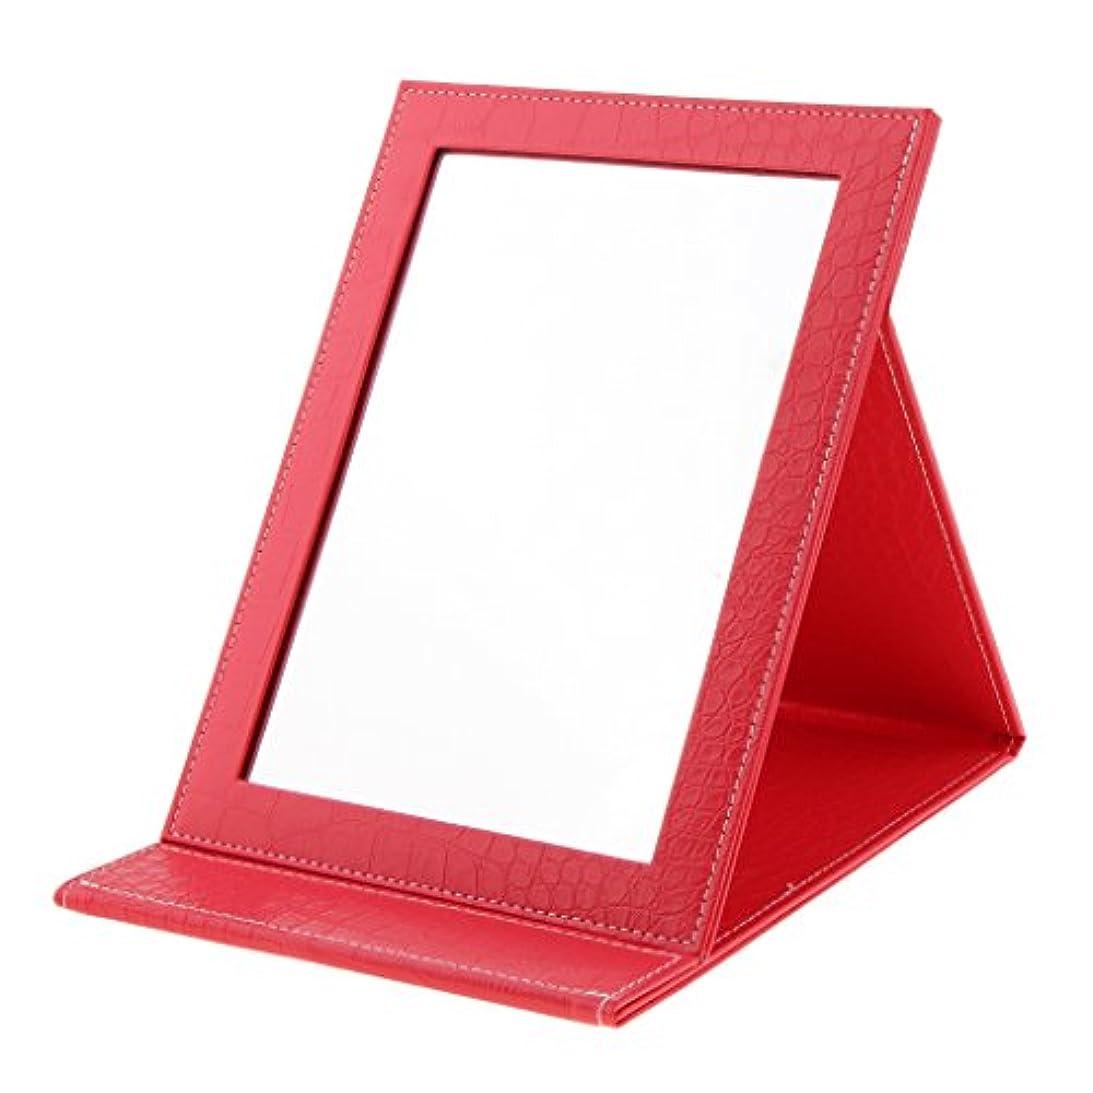 香水セブン世代化粧鏡 鏡 メイクアップミラー 折りたたみ式 PUレザー ポータブル 旅行 日常用 3色選べる - 赤